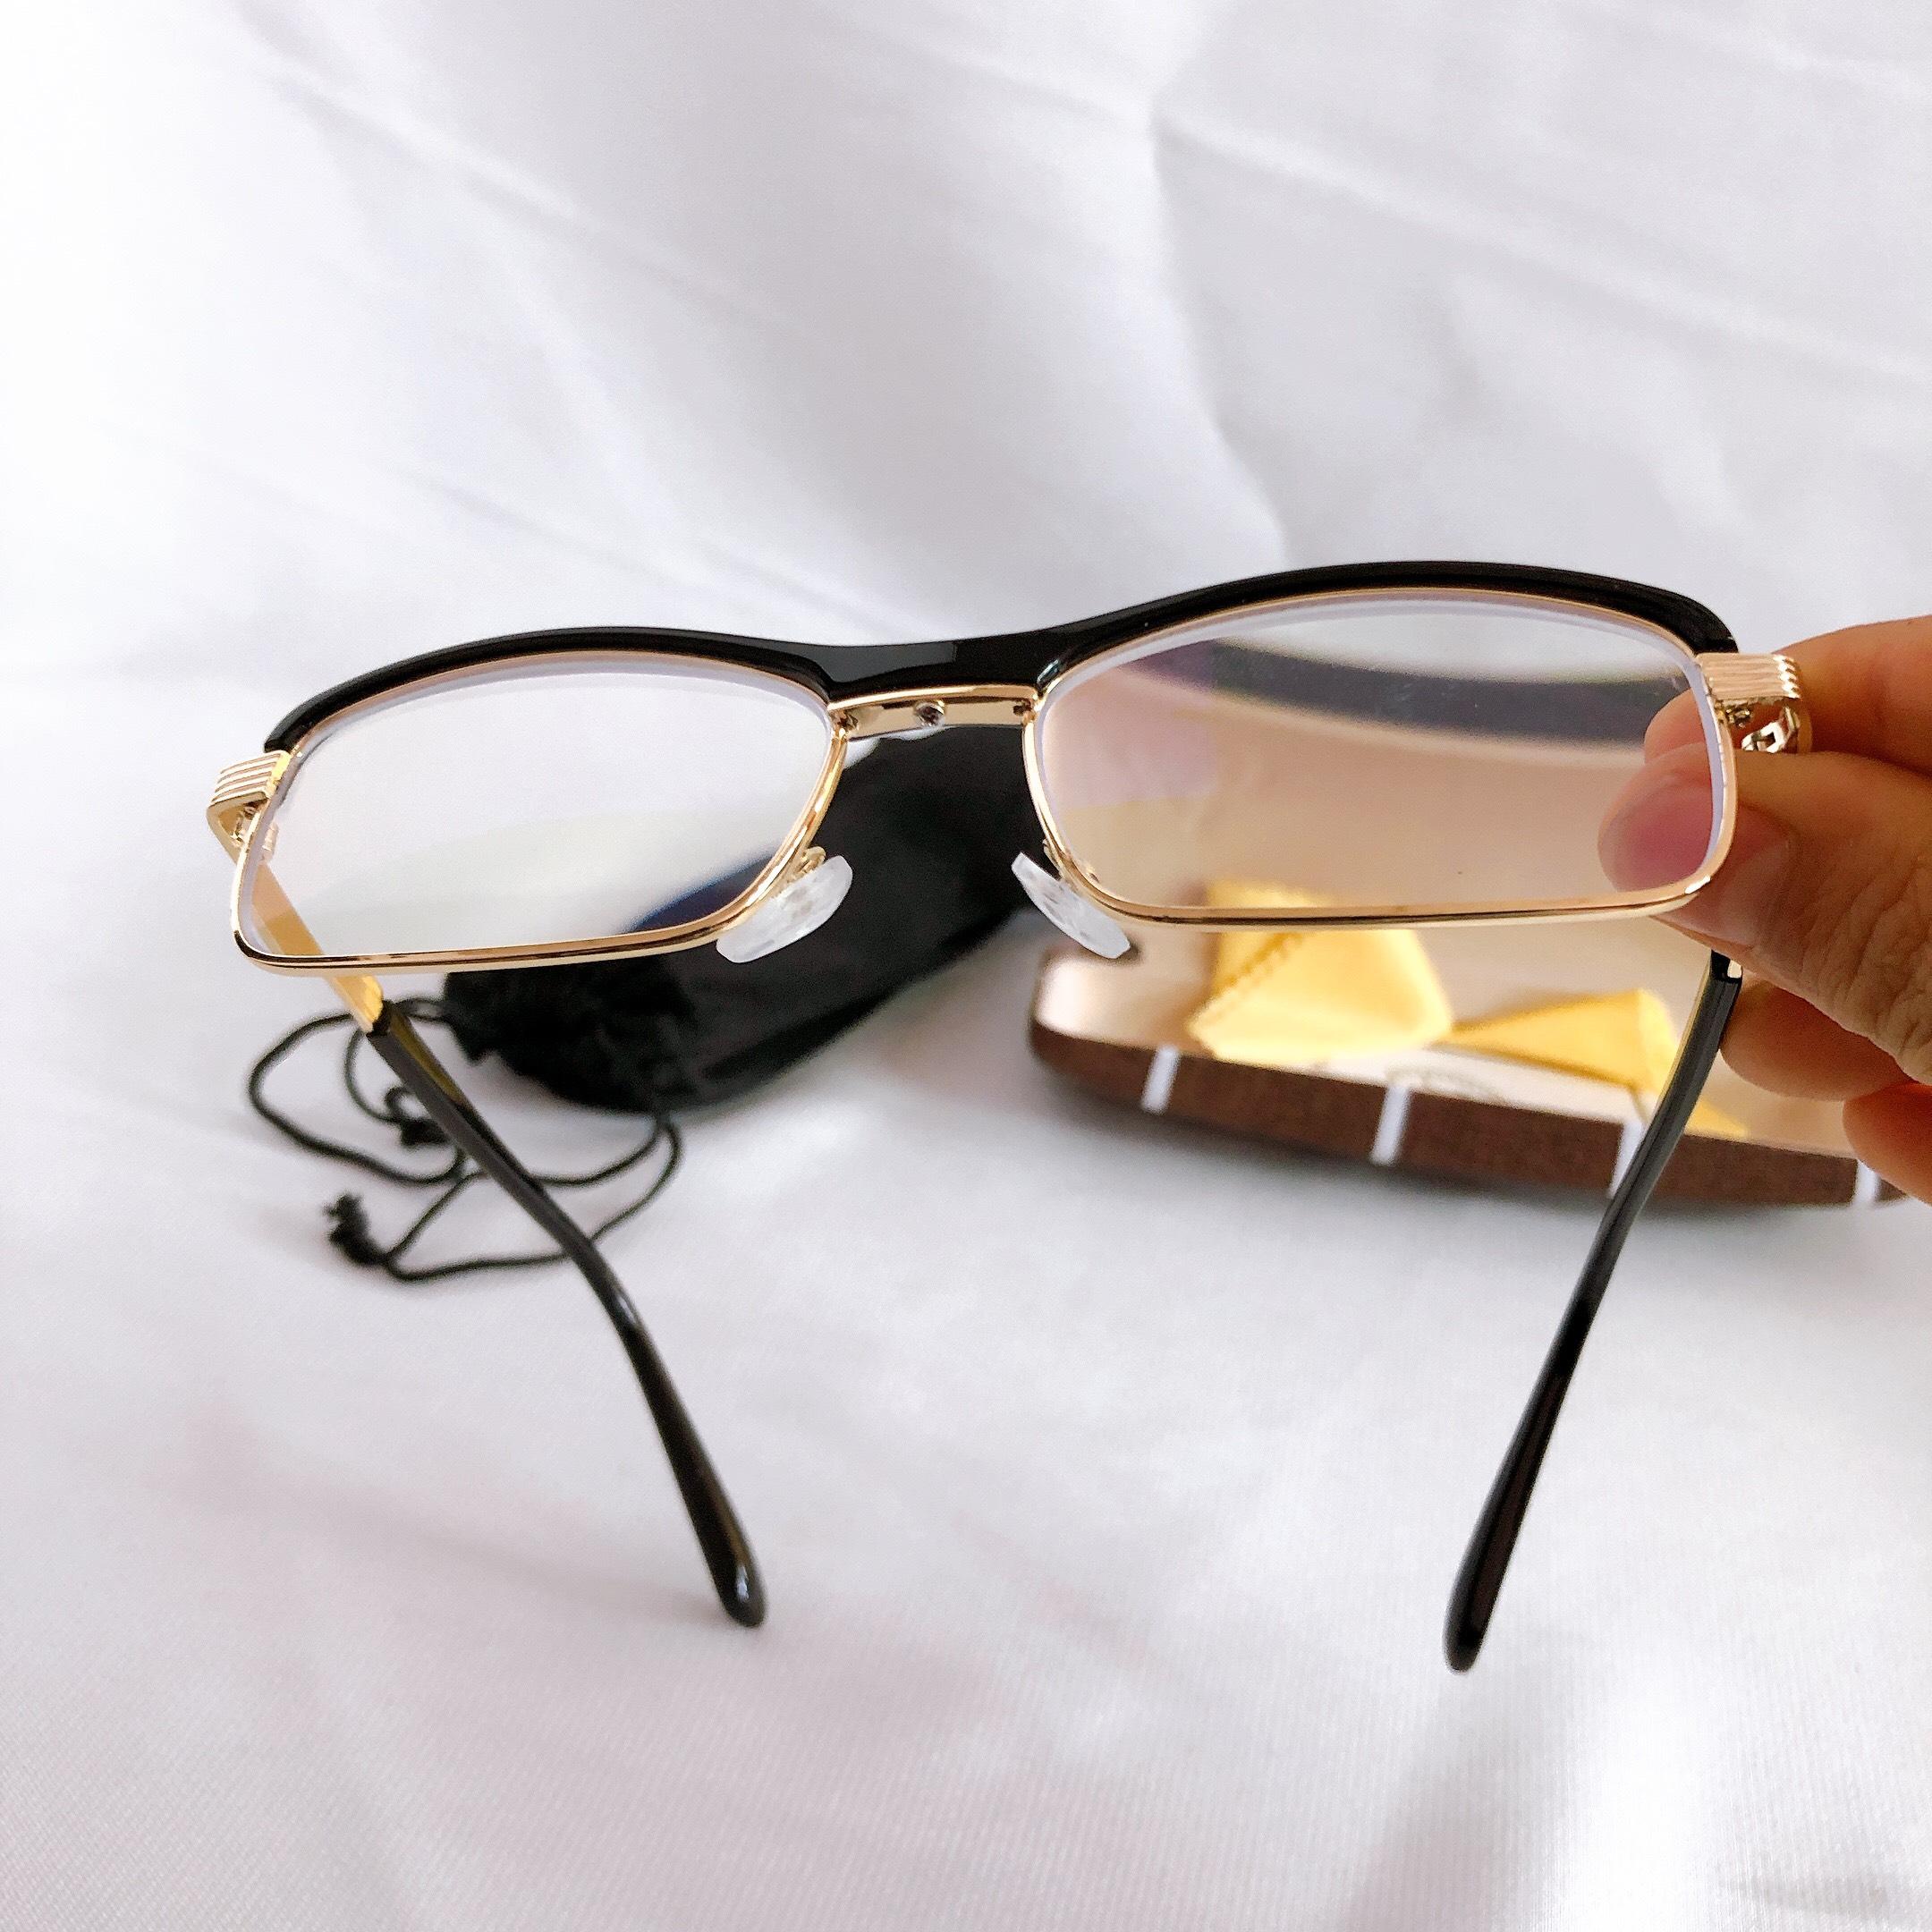 Kính lão thị toàn viền cao cấp cực ôm kính viễn thị sẵn độ kv41 hàng loại tốt mắt chống tia uv sáng và rõ